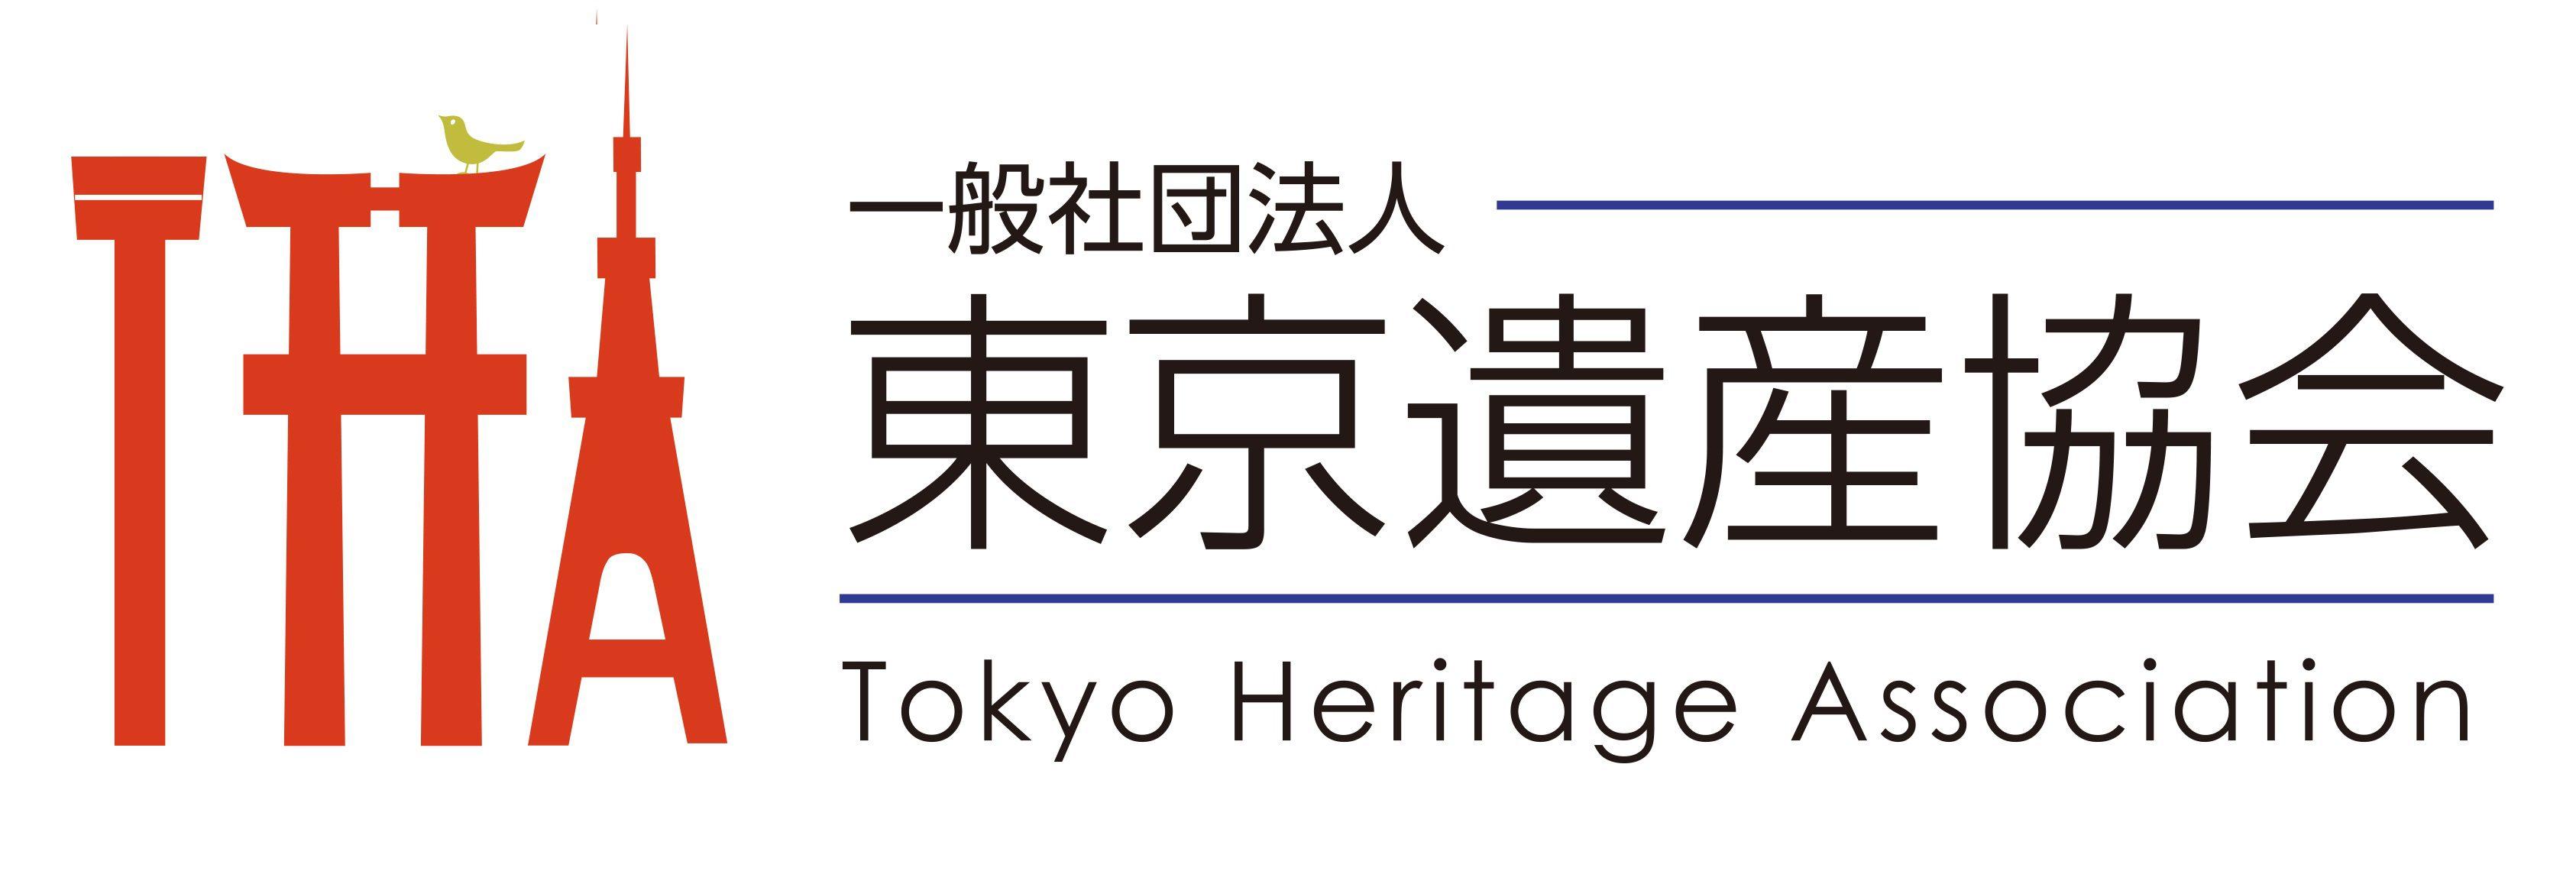 一般社団法人 東京遺産協会